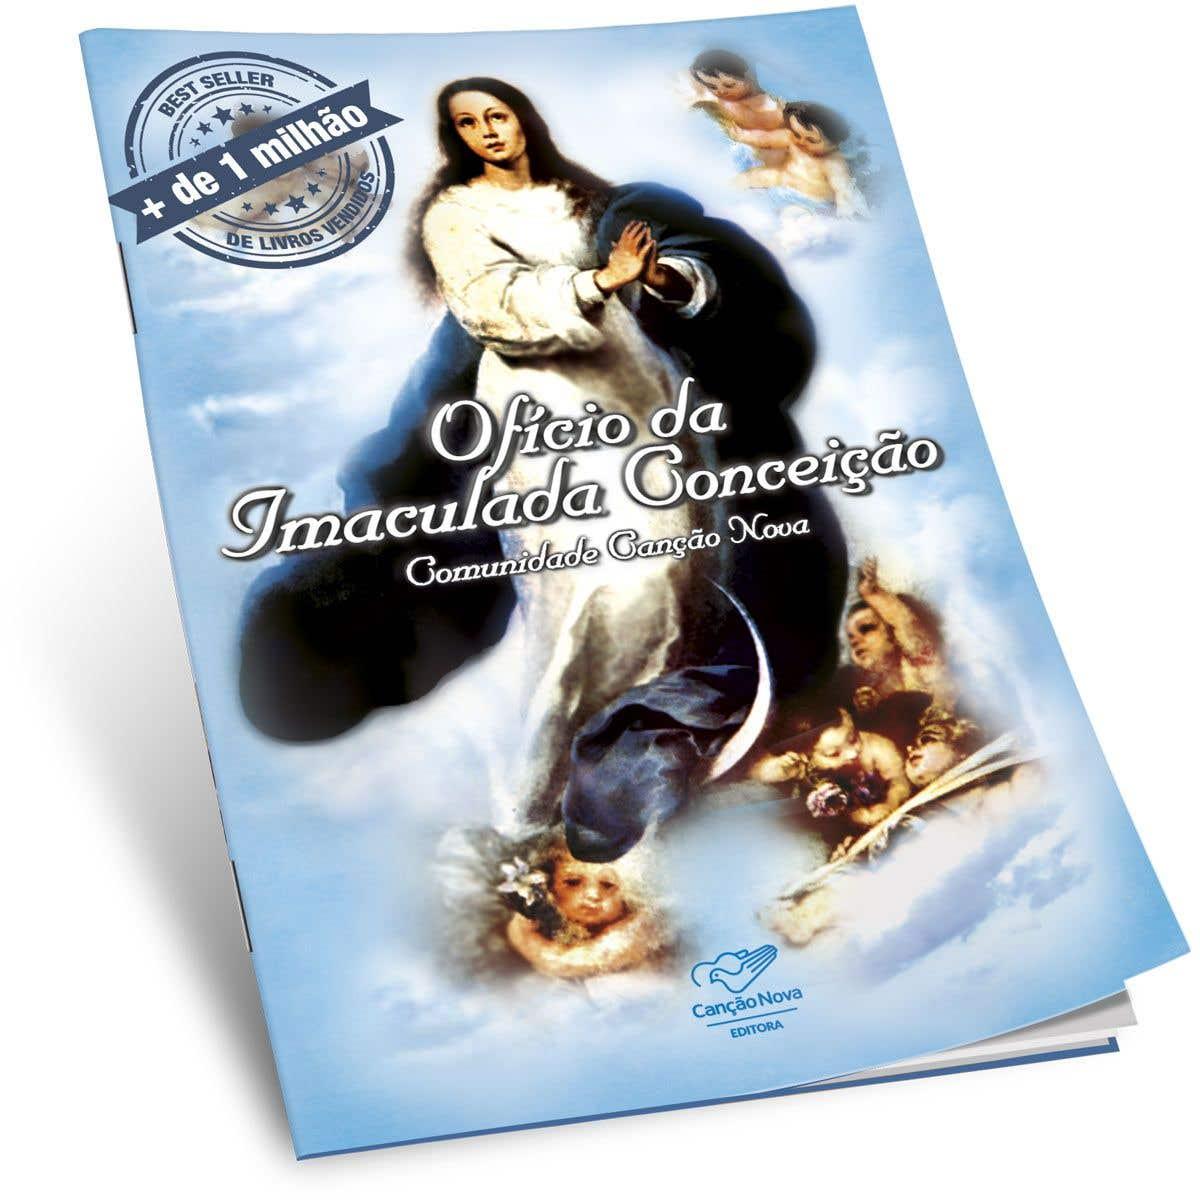 Livro Oficio da Imaculada Conceição